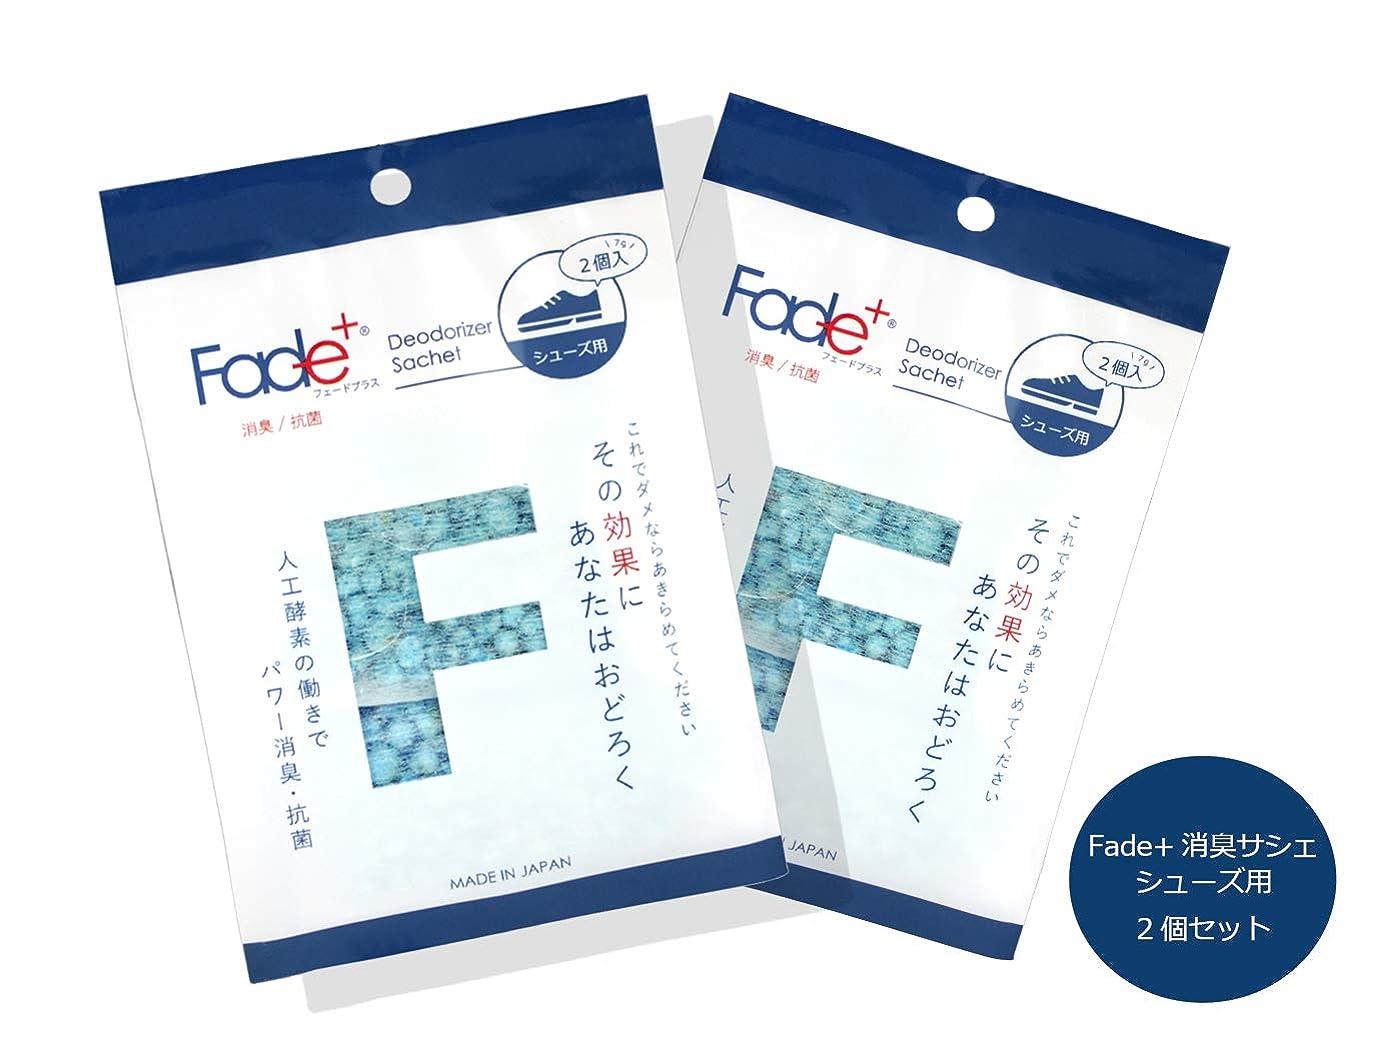 十年隔離マディソン丸栄日産 Fade+(フェードプラス)消臭サシェ シューズ用2個入り×2個おまとめセット(7g×4個)